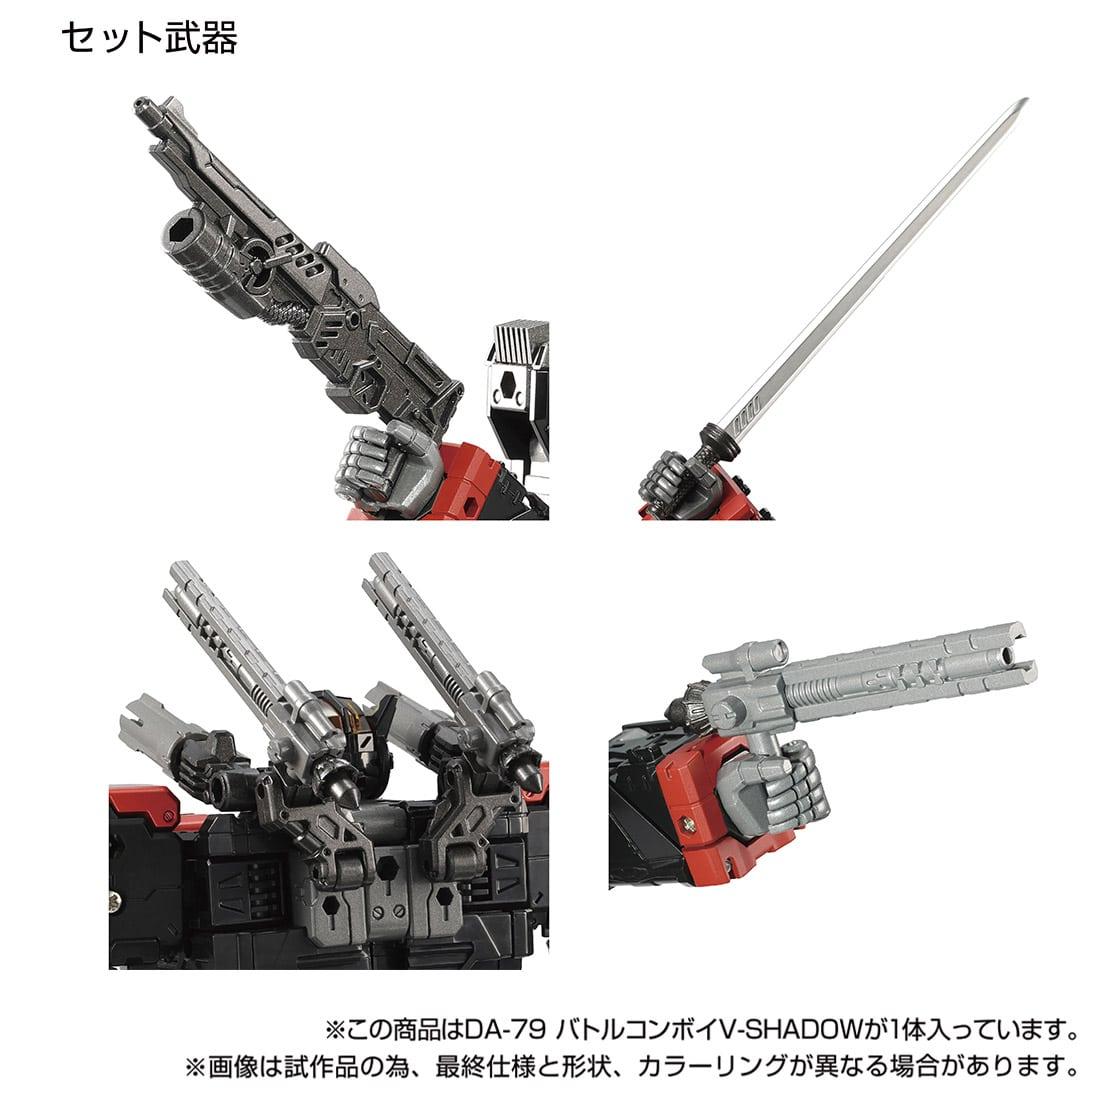 【限定販売】ダイアクロン『DA-79 バトルコンボイ V-SHADOW』可動フィギュア-009